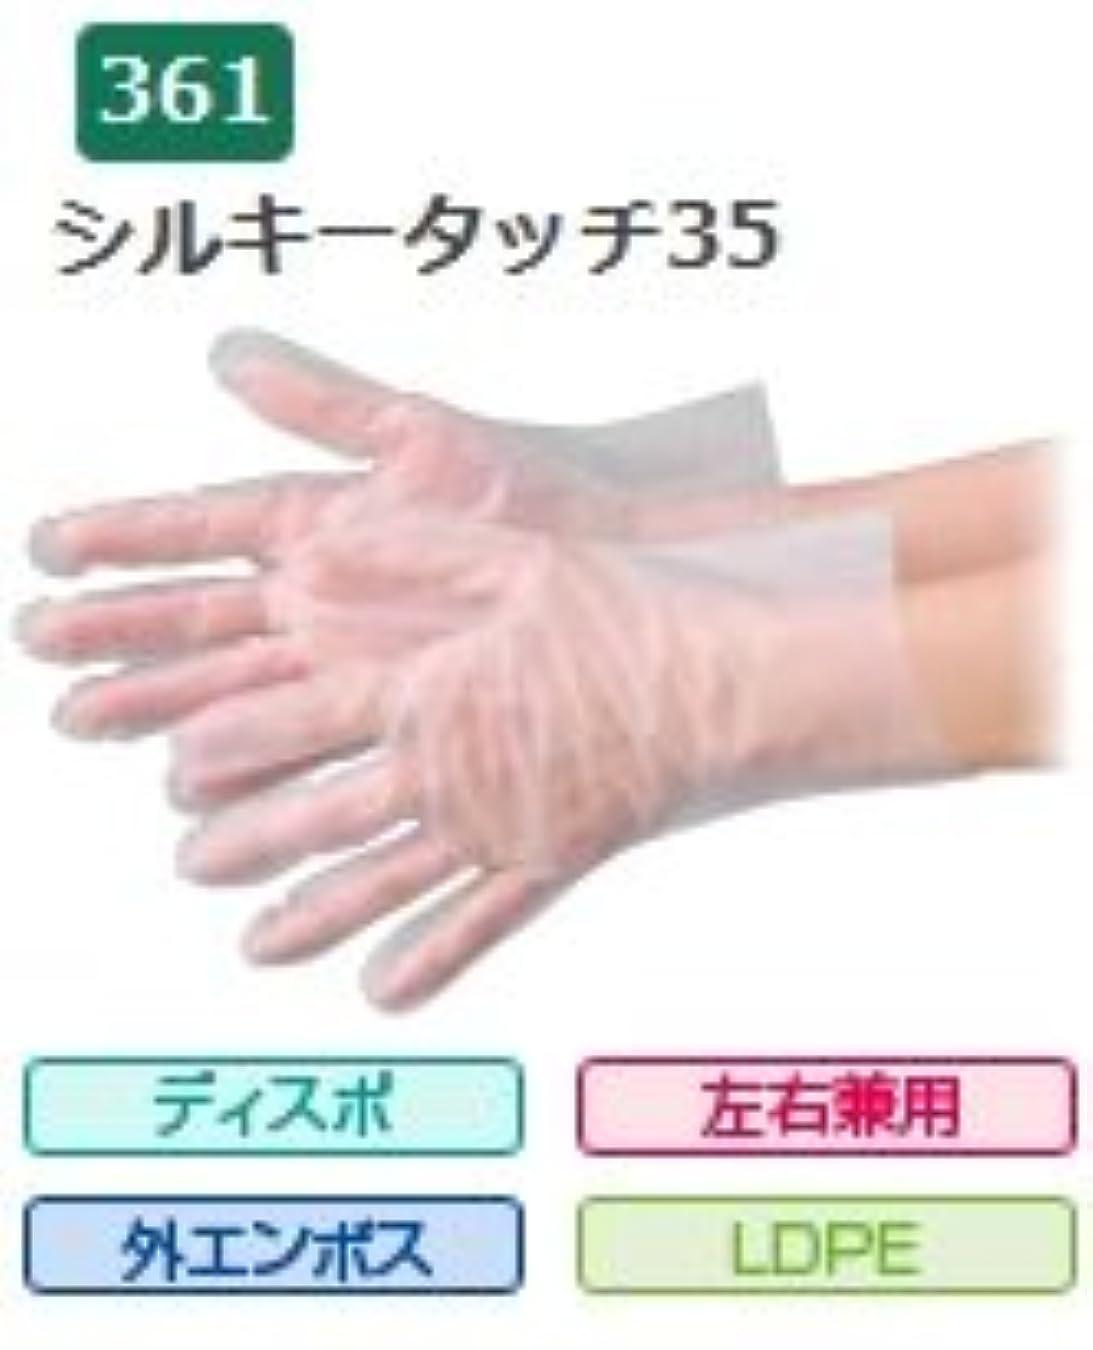 非難するしなければならない遺伝的エブノ ポリエチレン手袋 No.361 M 半透明 (100枚×50箱) シルキータッチ35 箱入